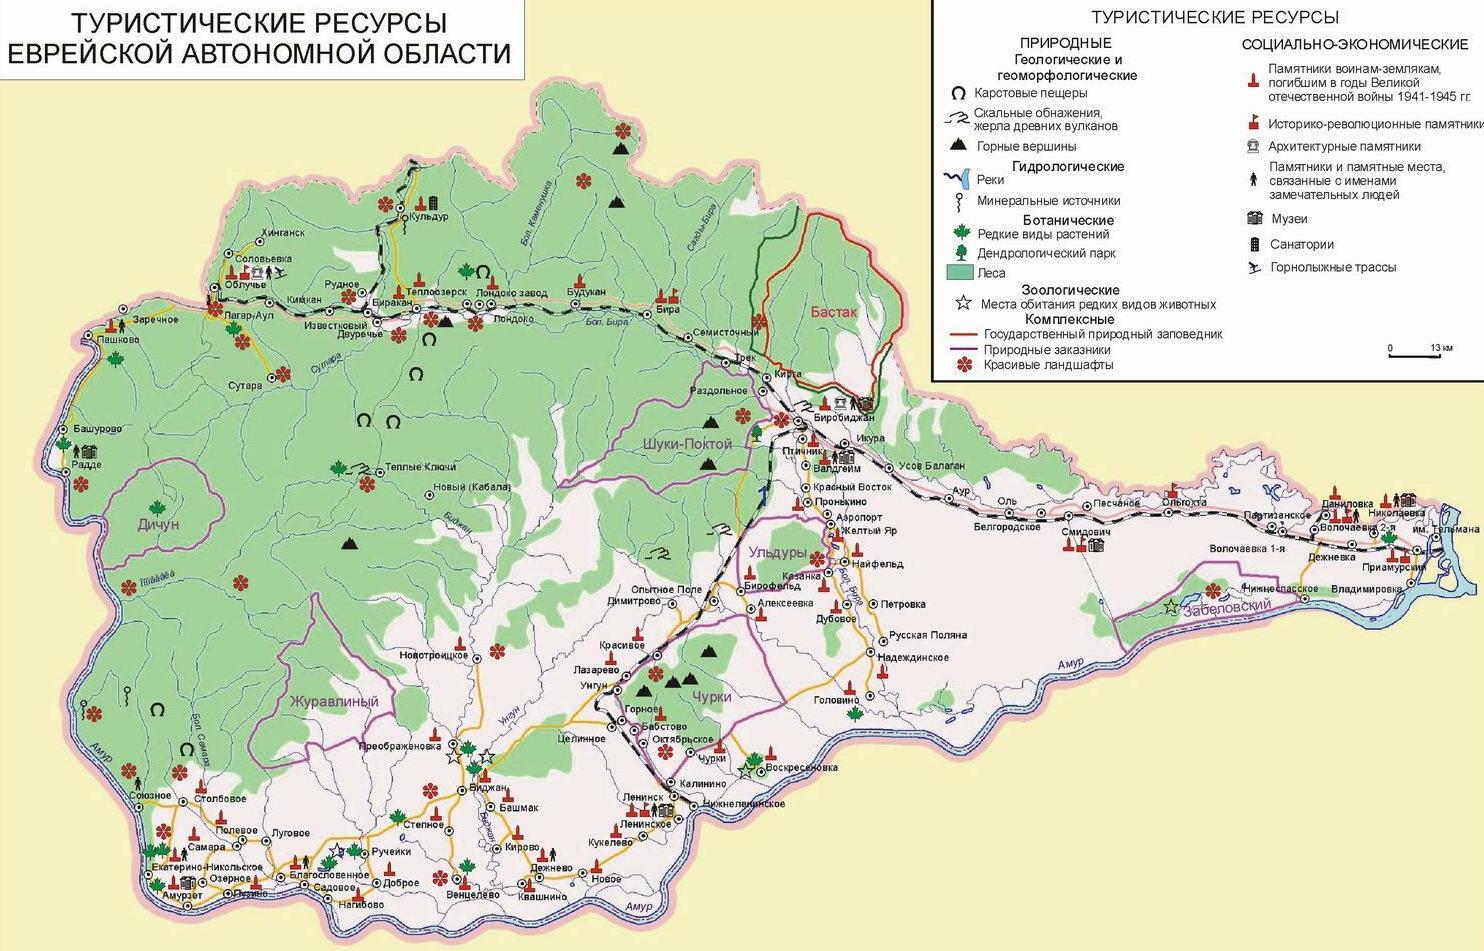 Карта туристических ресурсов Еврейской автономной области